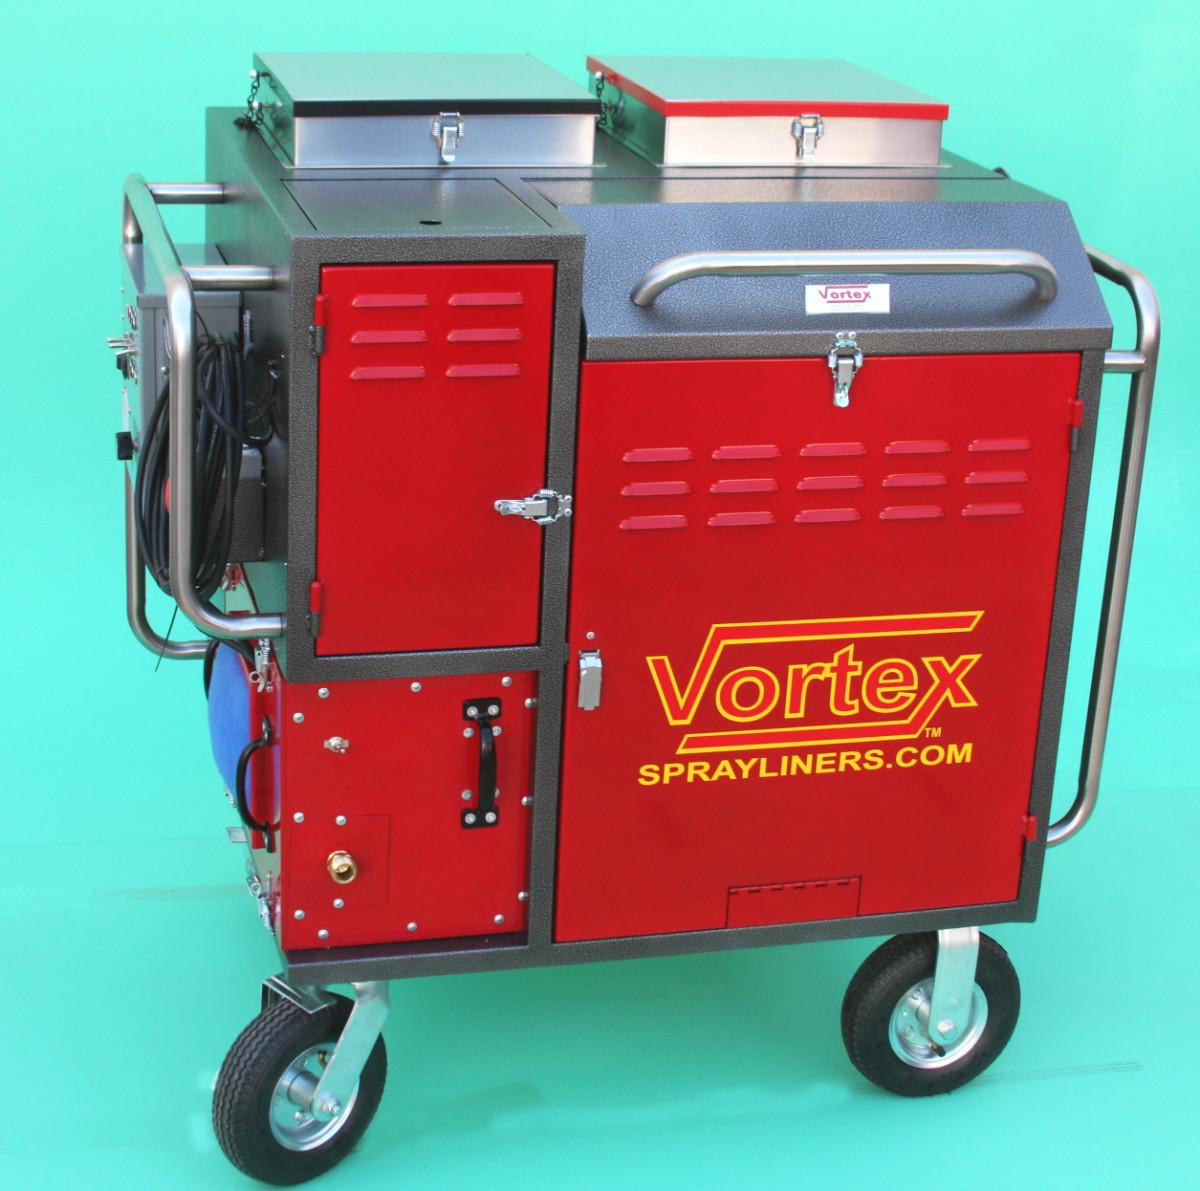 Vortex Spray Liner Portable System KV5006